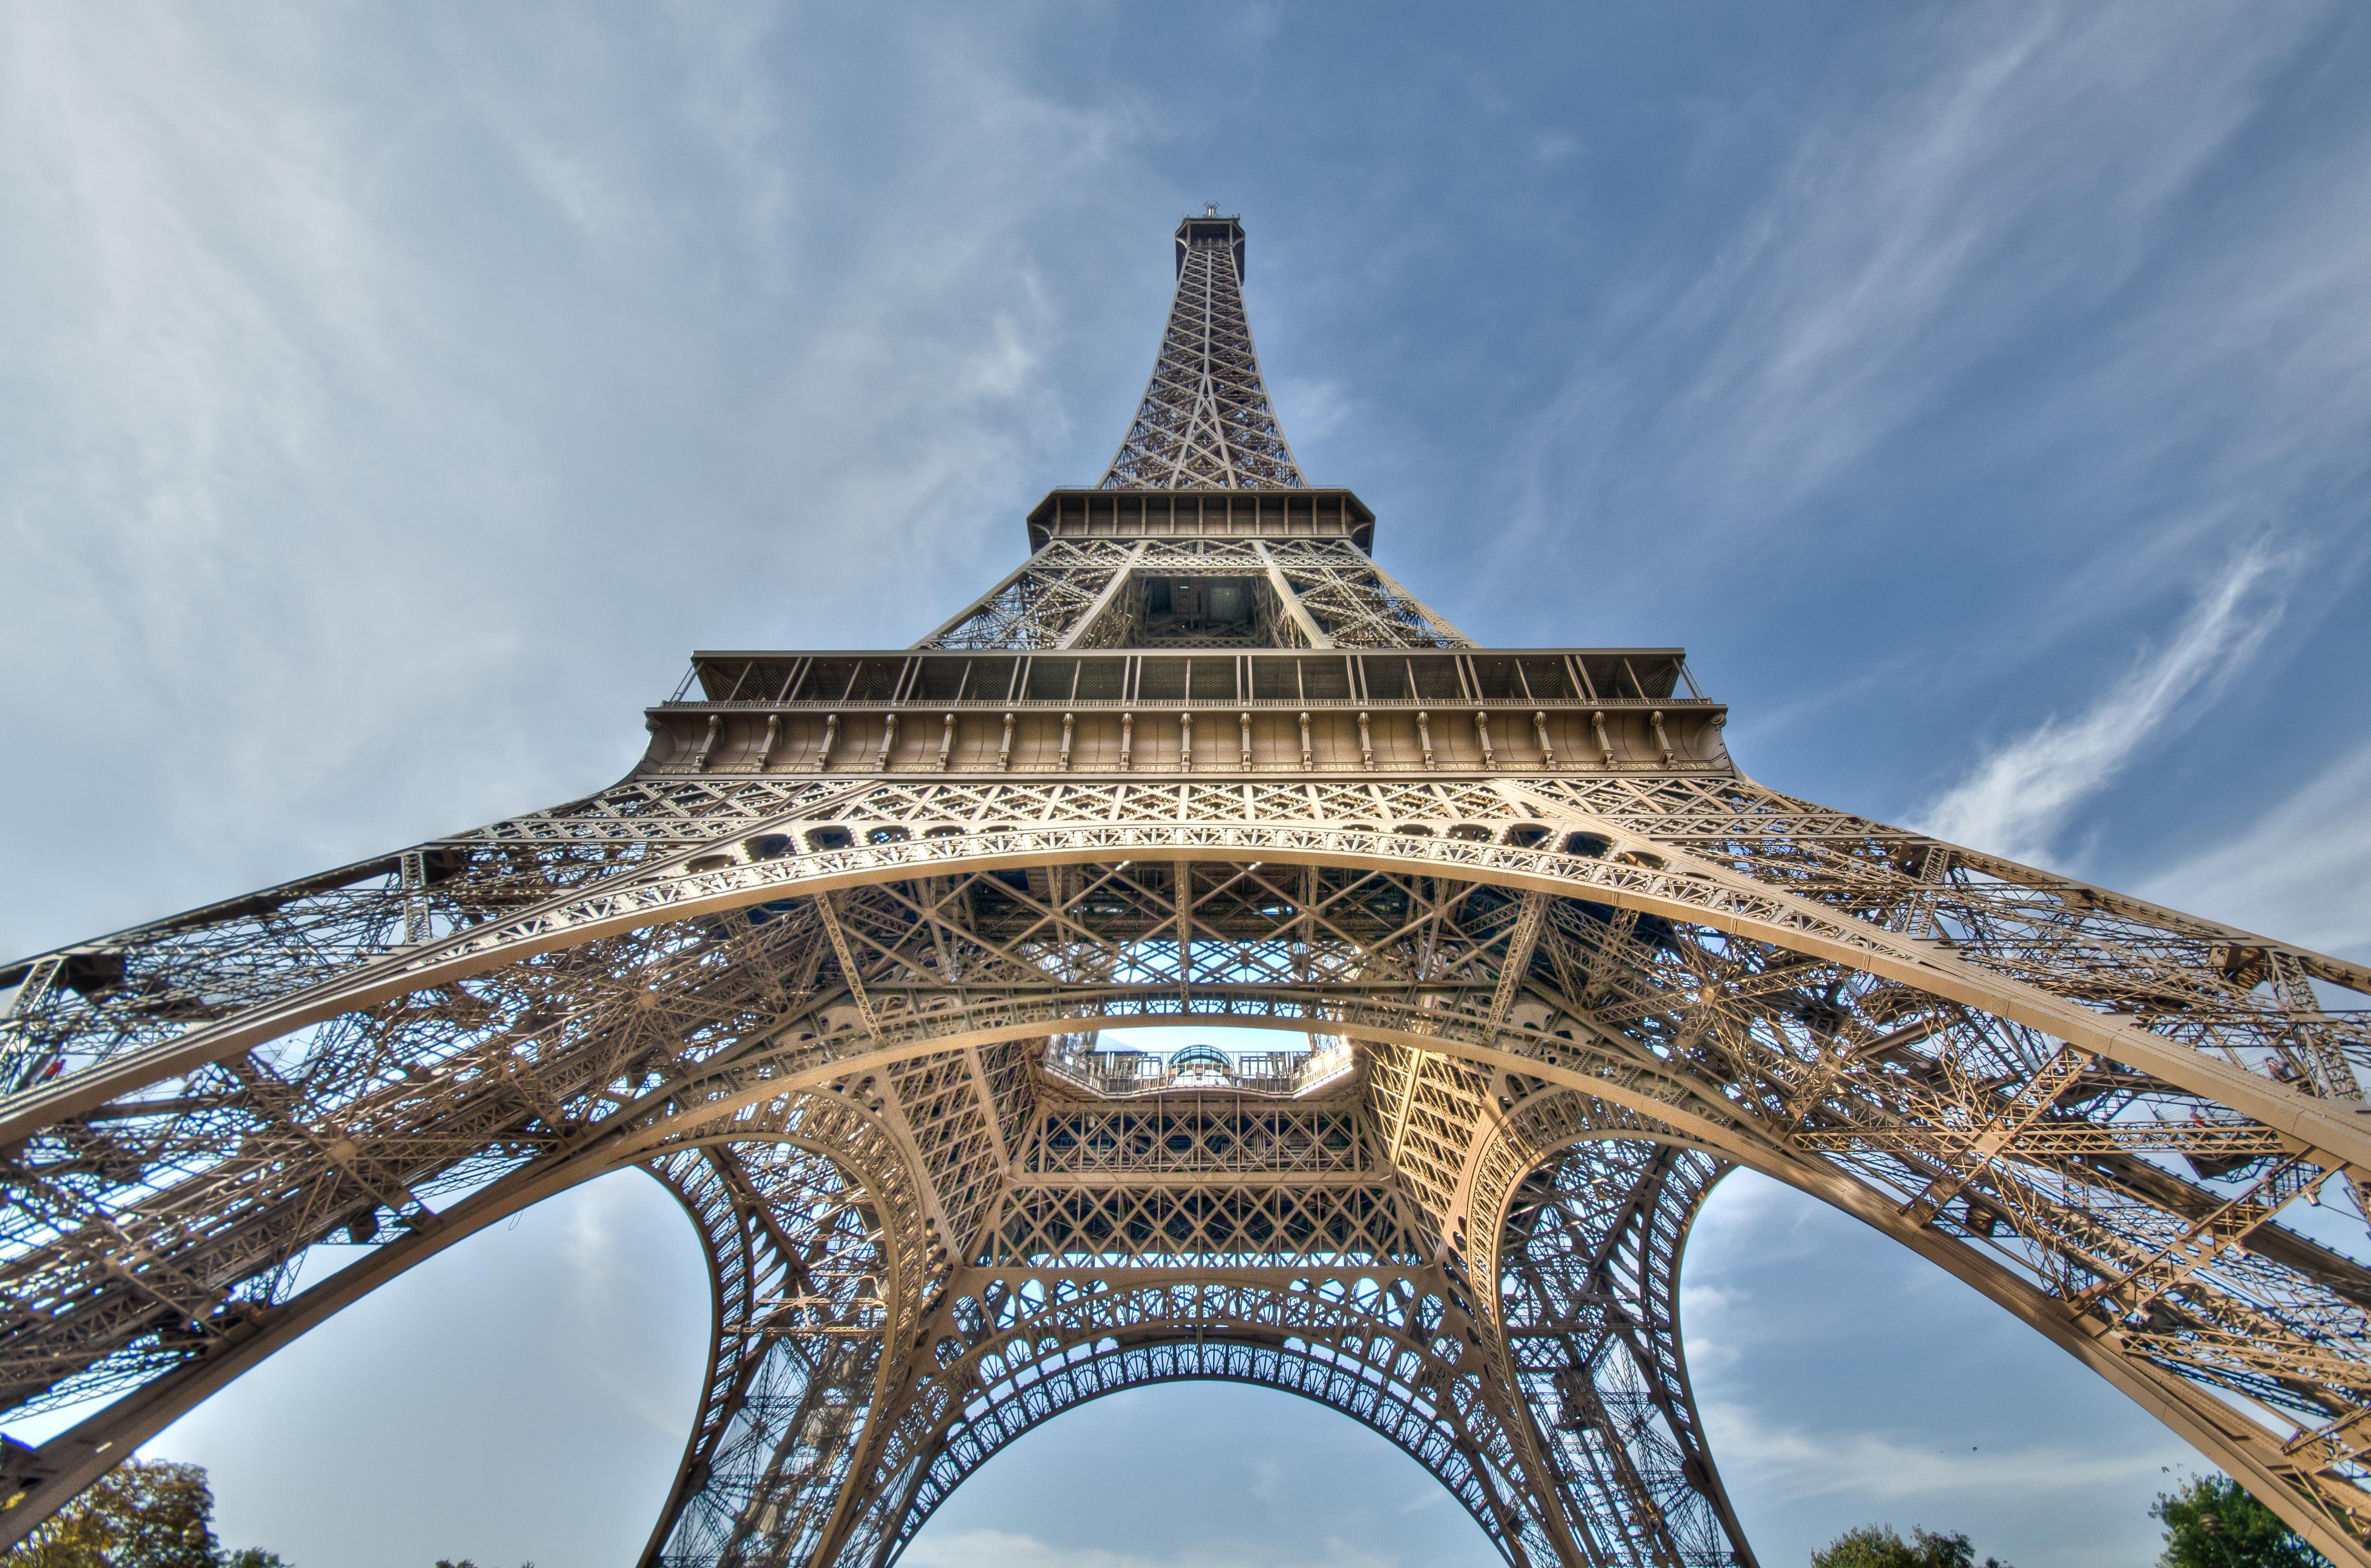 Eiffel Tower Widescreen